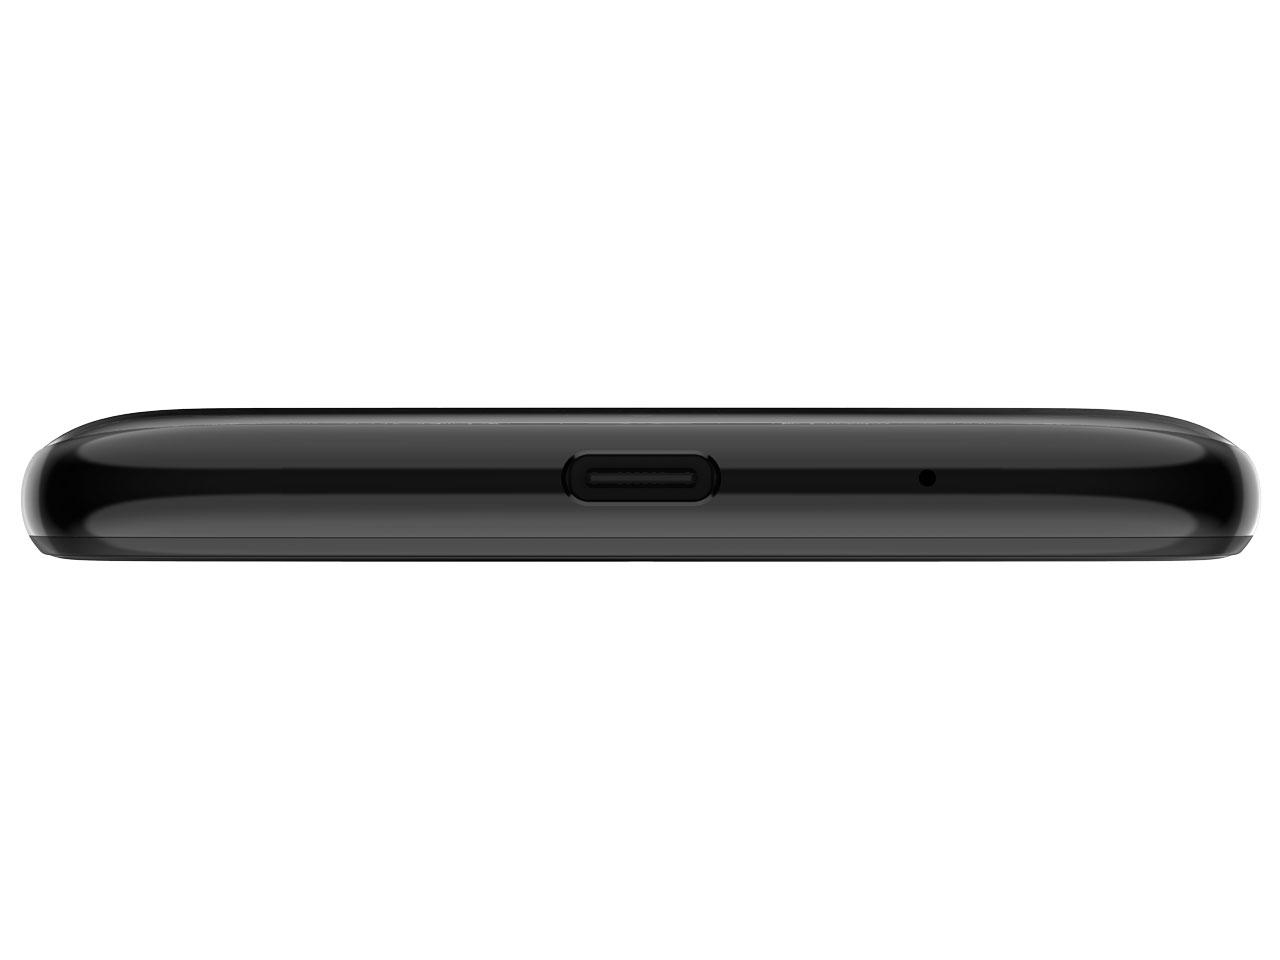 『本体 側面2』 moto g7 SIMフリー [セラミックブラック] の製品画像